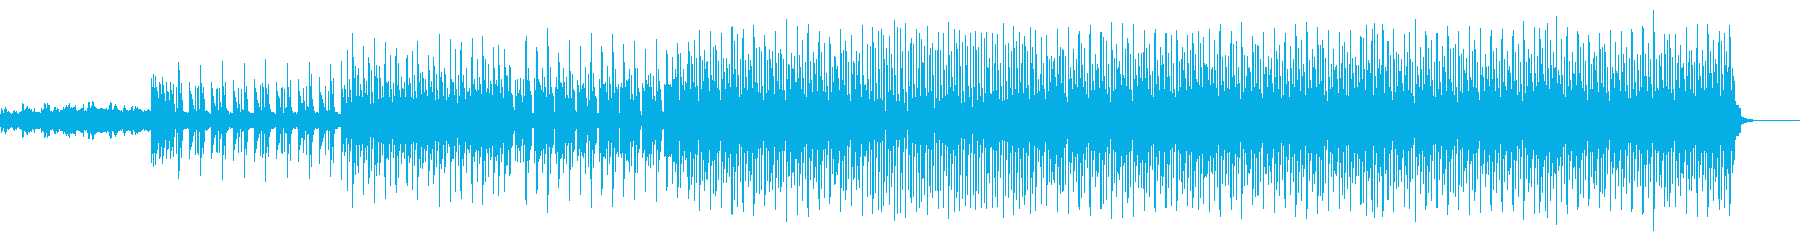 80年代サウンド多用の優しいポップの再生済みの波形